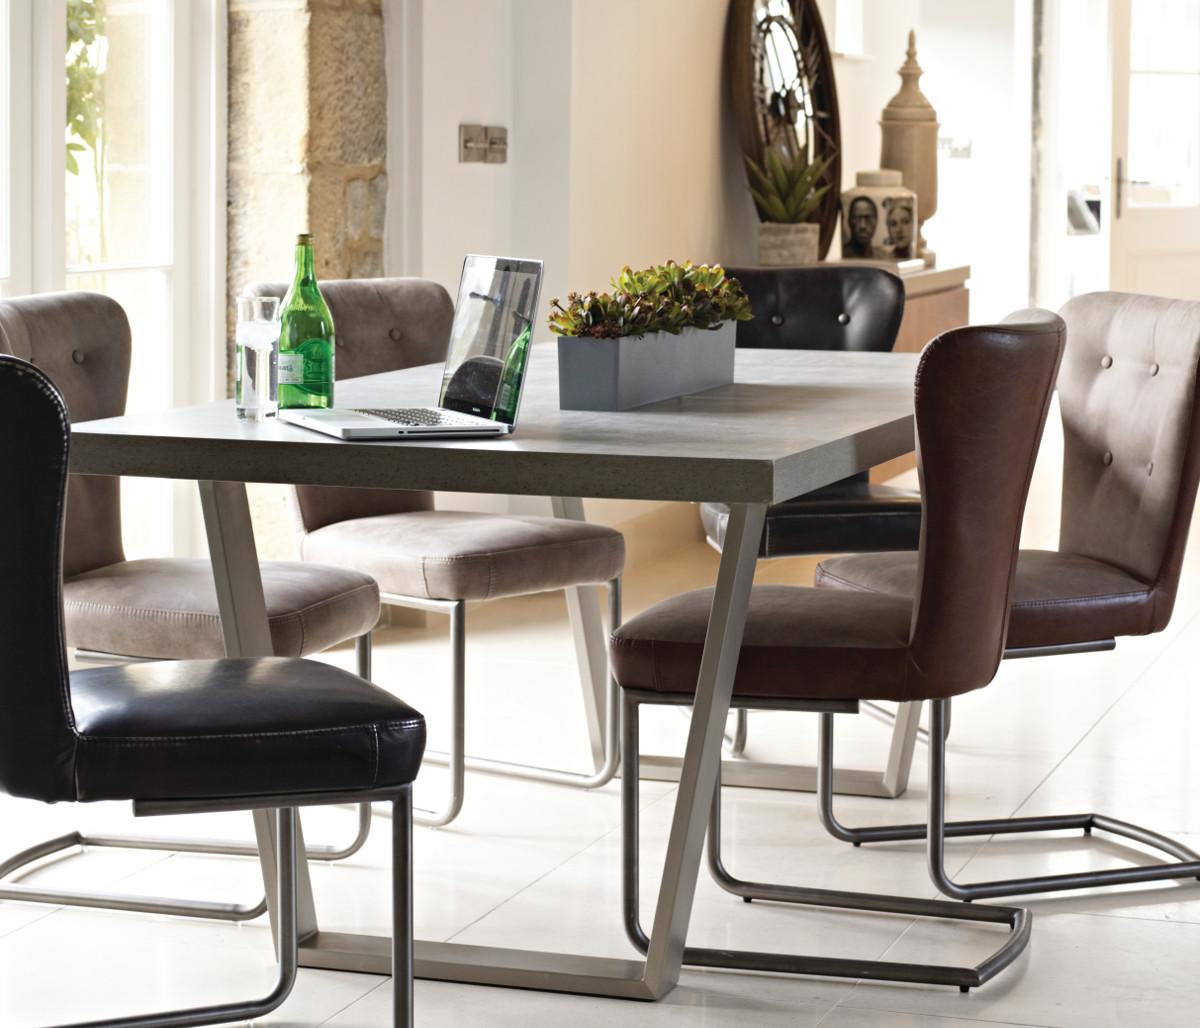 Peyton Dining Chair Grey